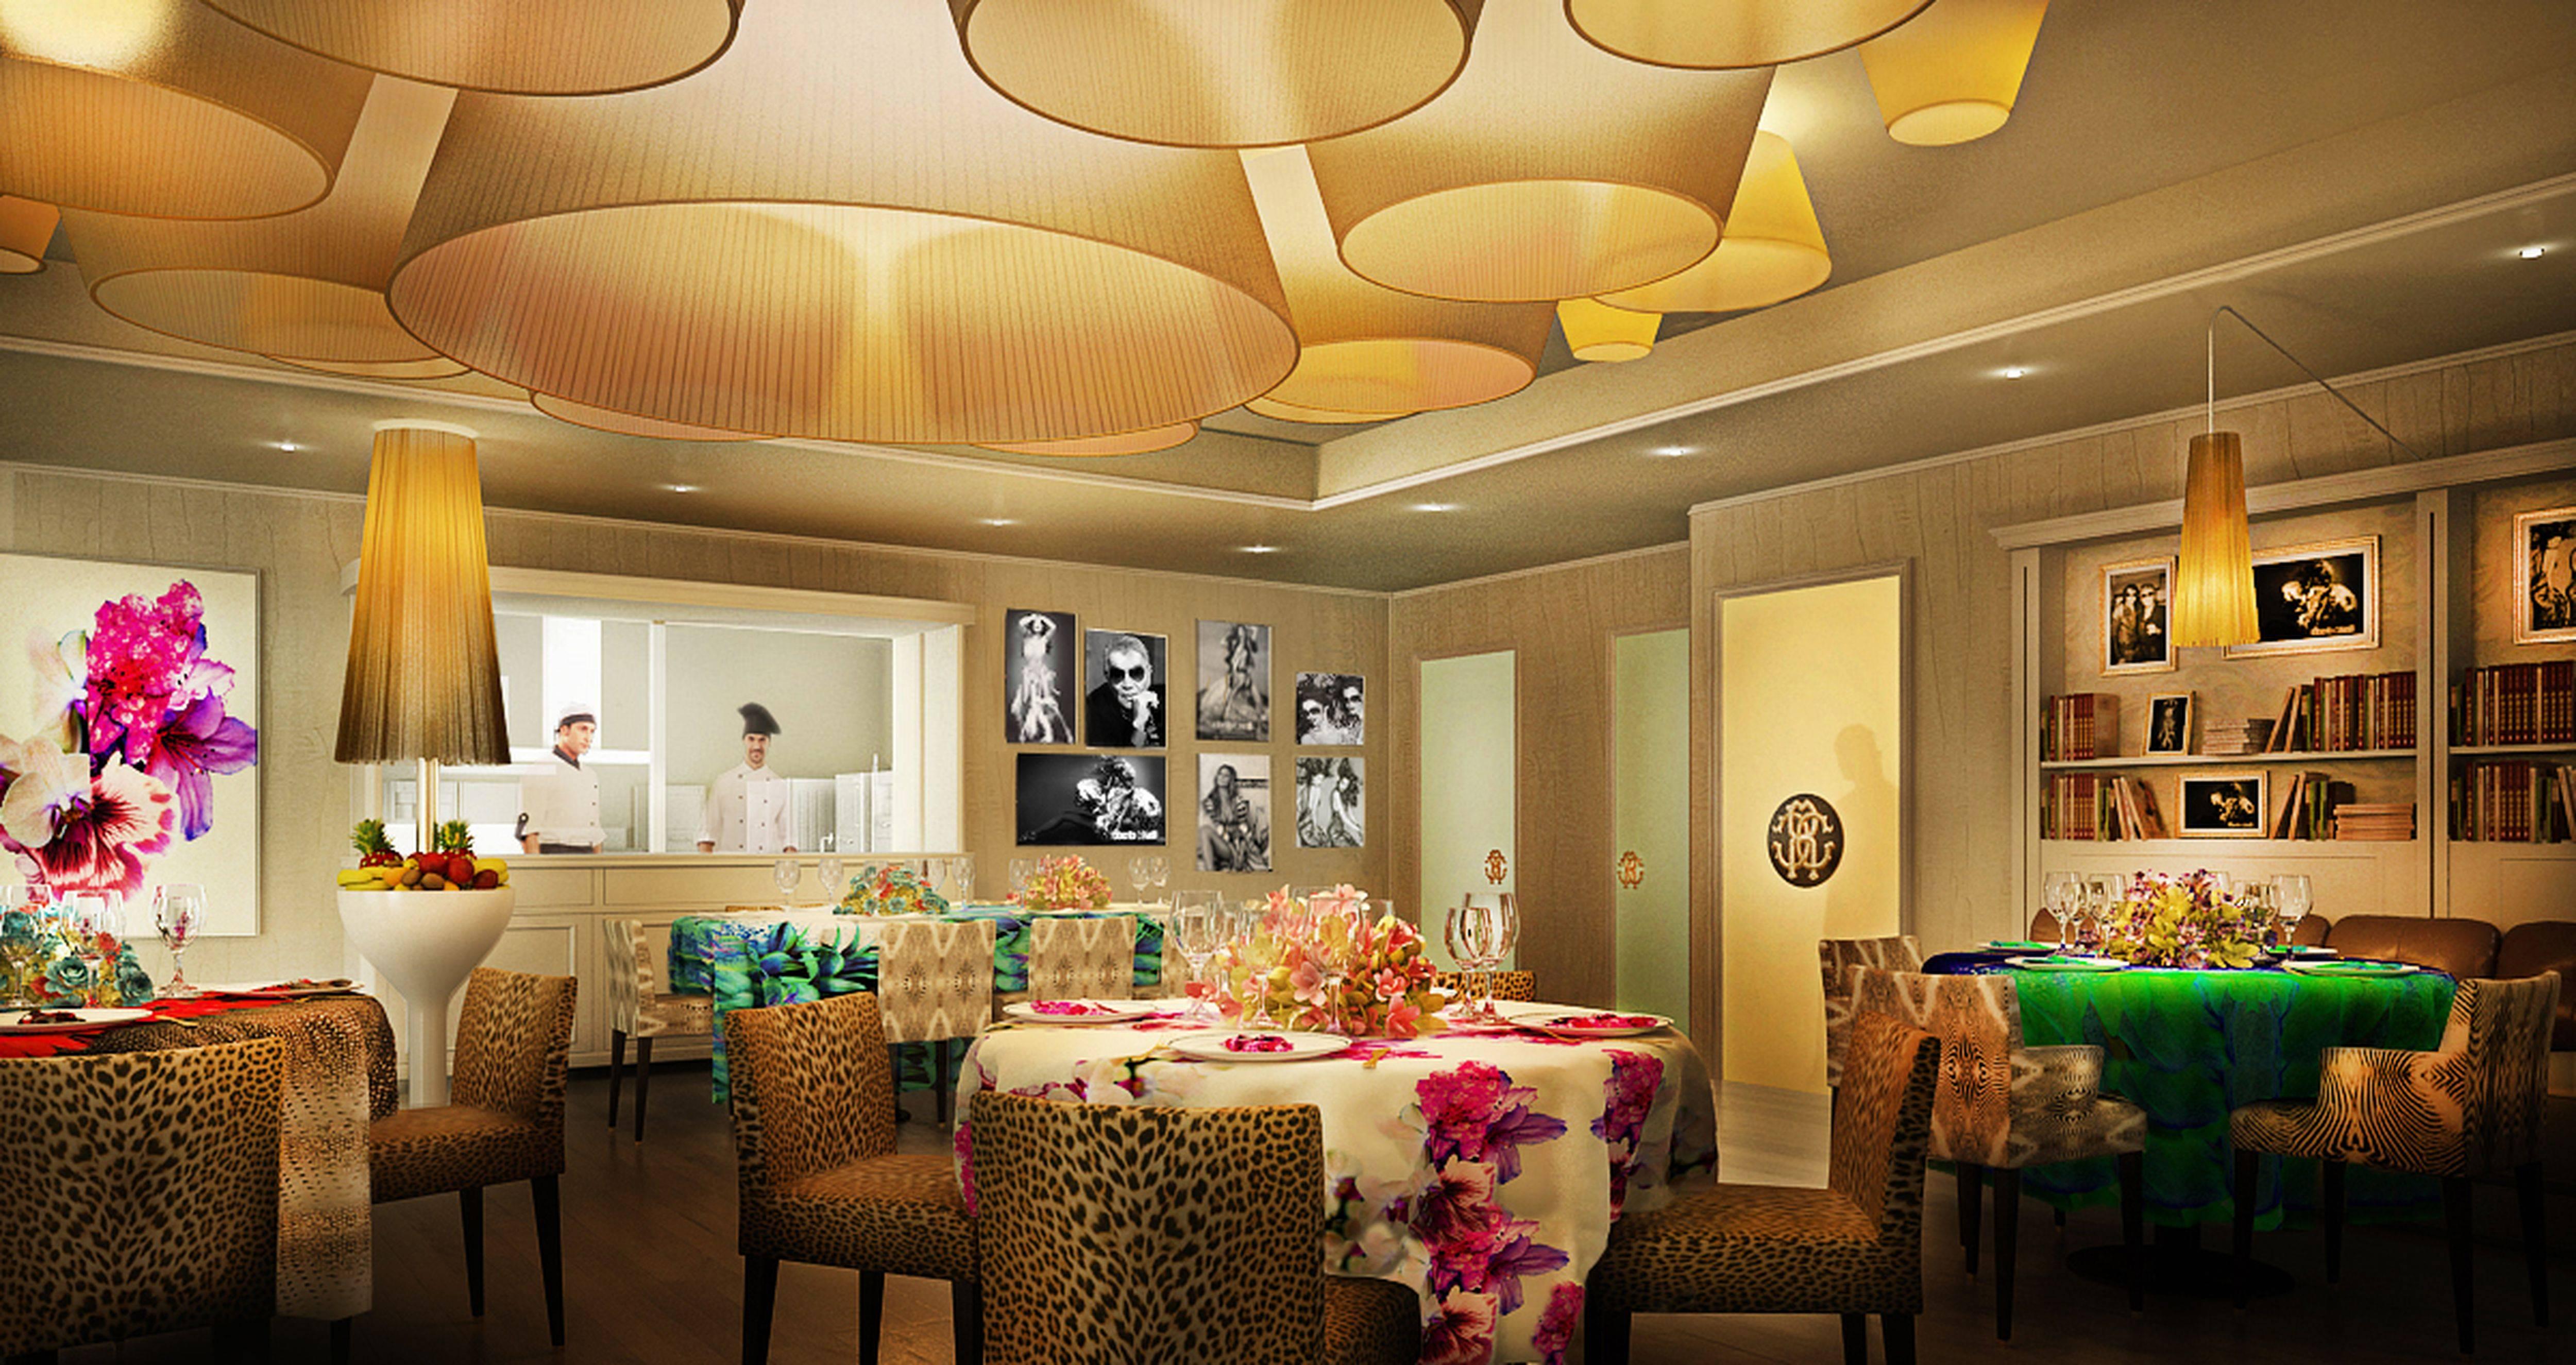 Cavalli Restaurant & Lounge Miami - Restaurant